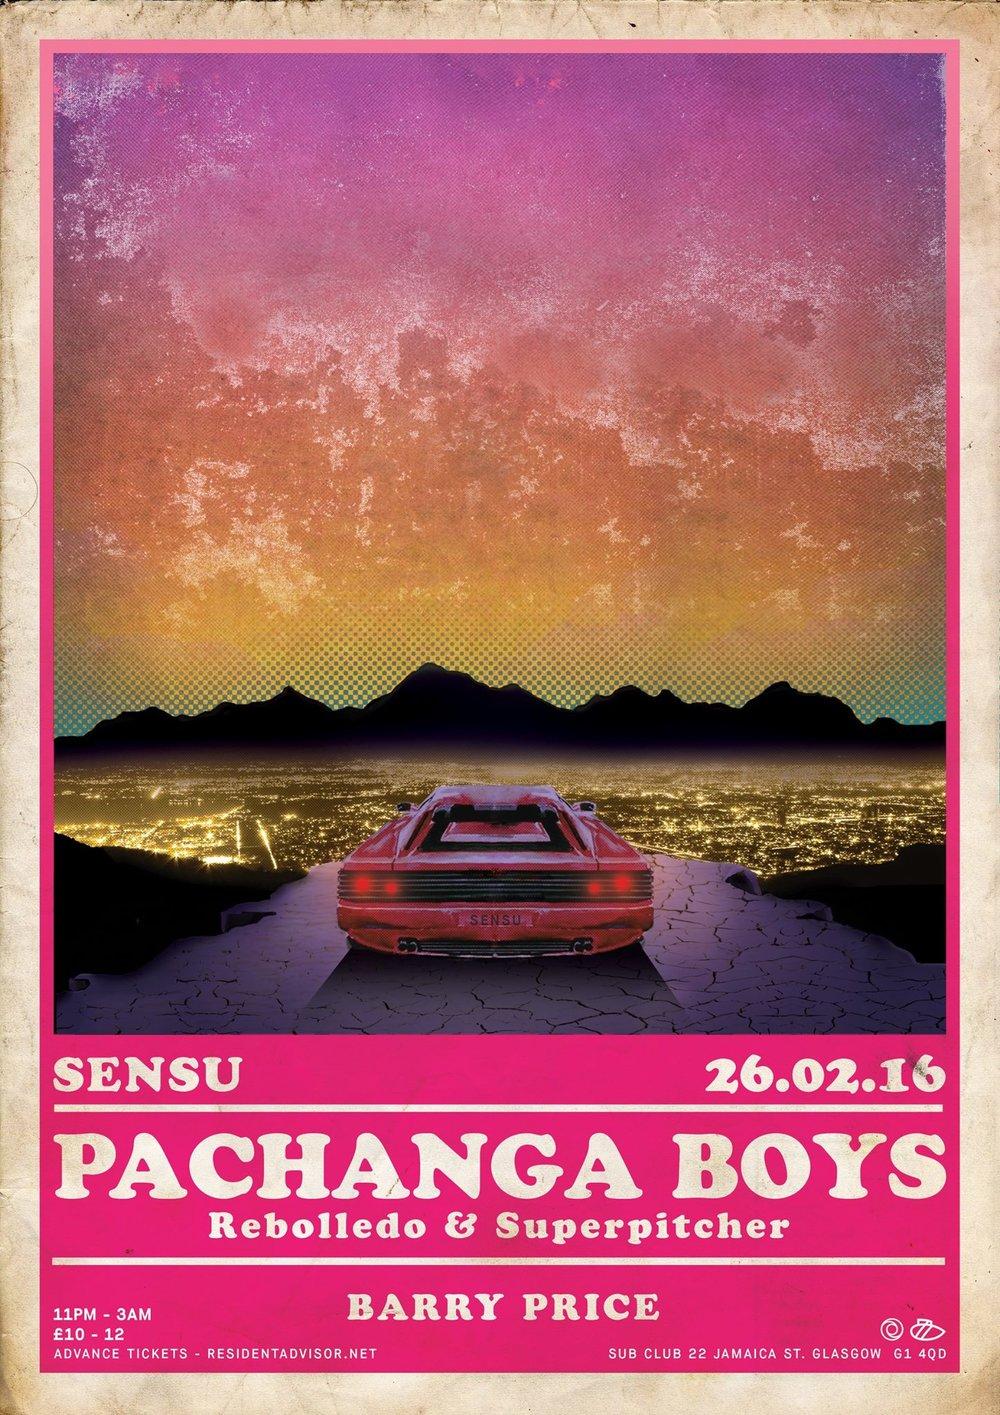 Sensu Pachanga Boys - Sub Club 26.2.15 - Web Flyer (For Sharing).jpg